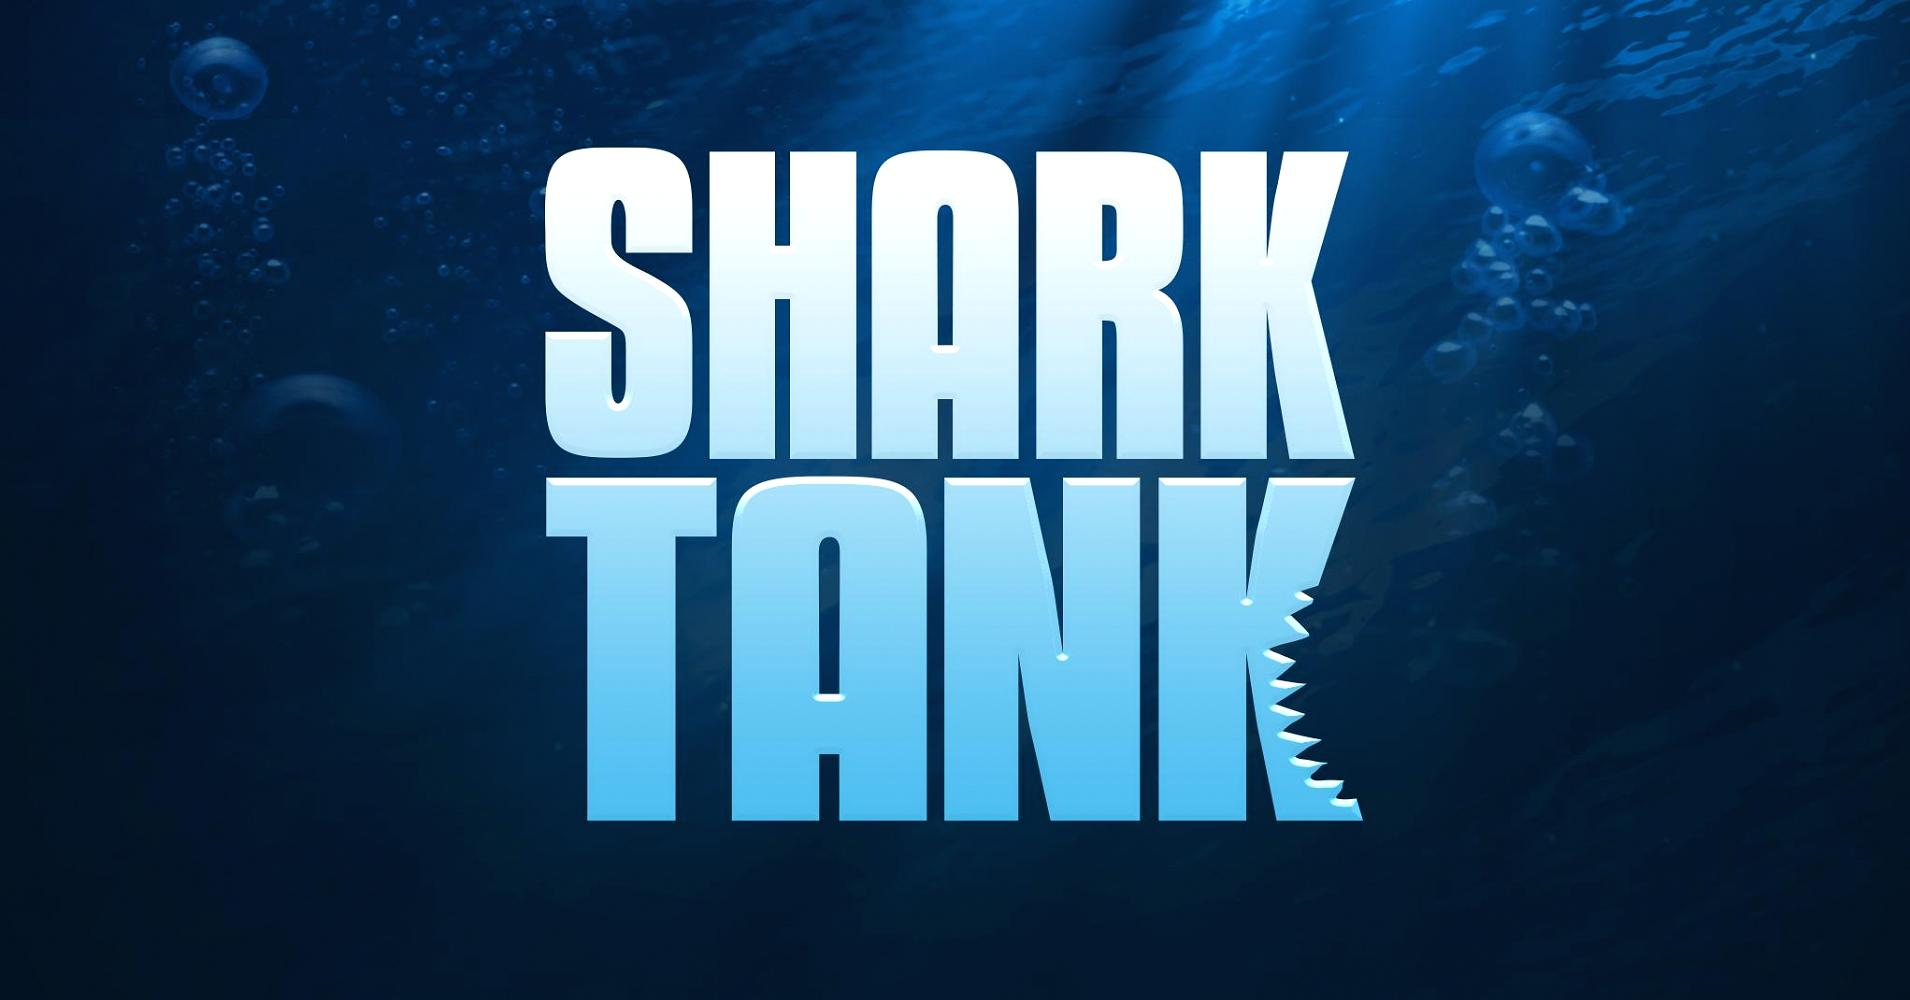 Shark Tank Team Building